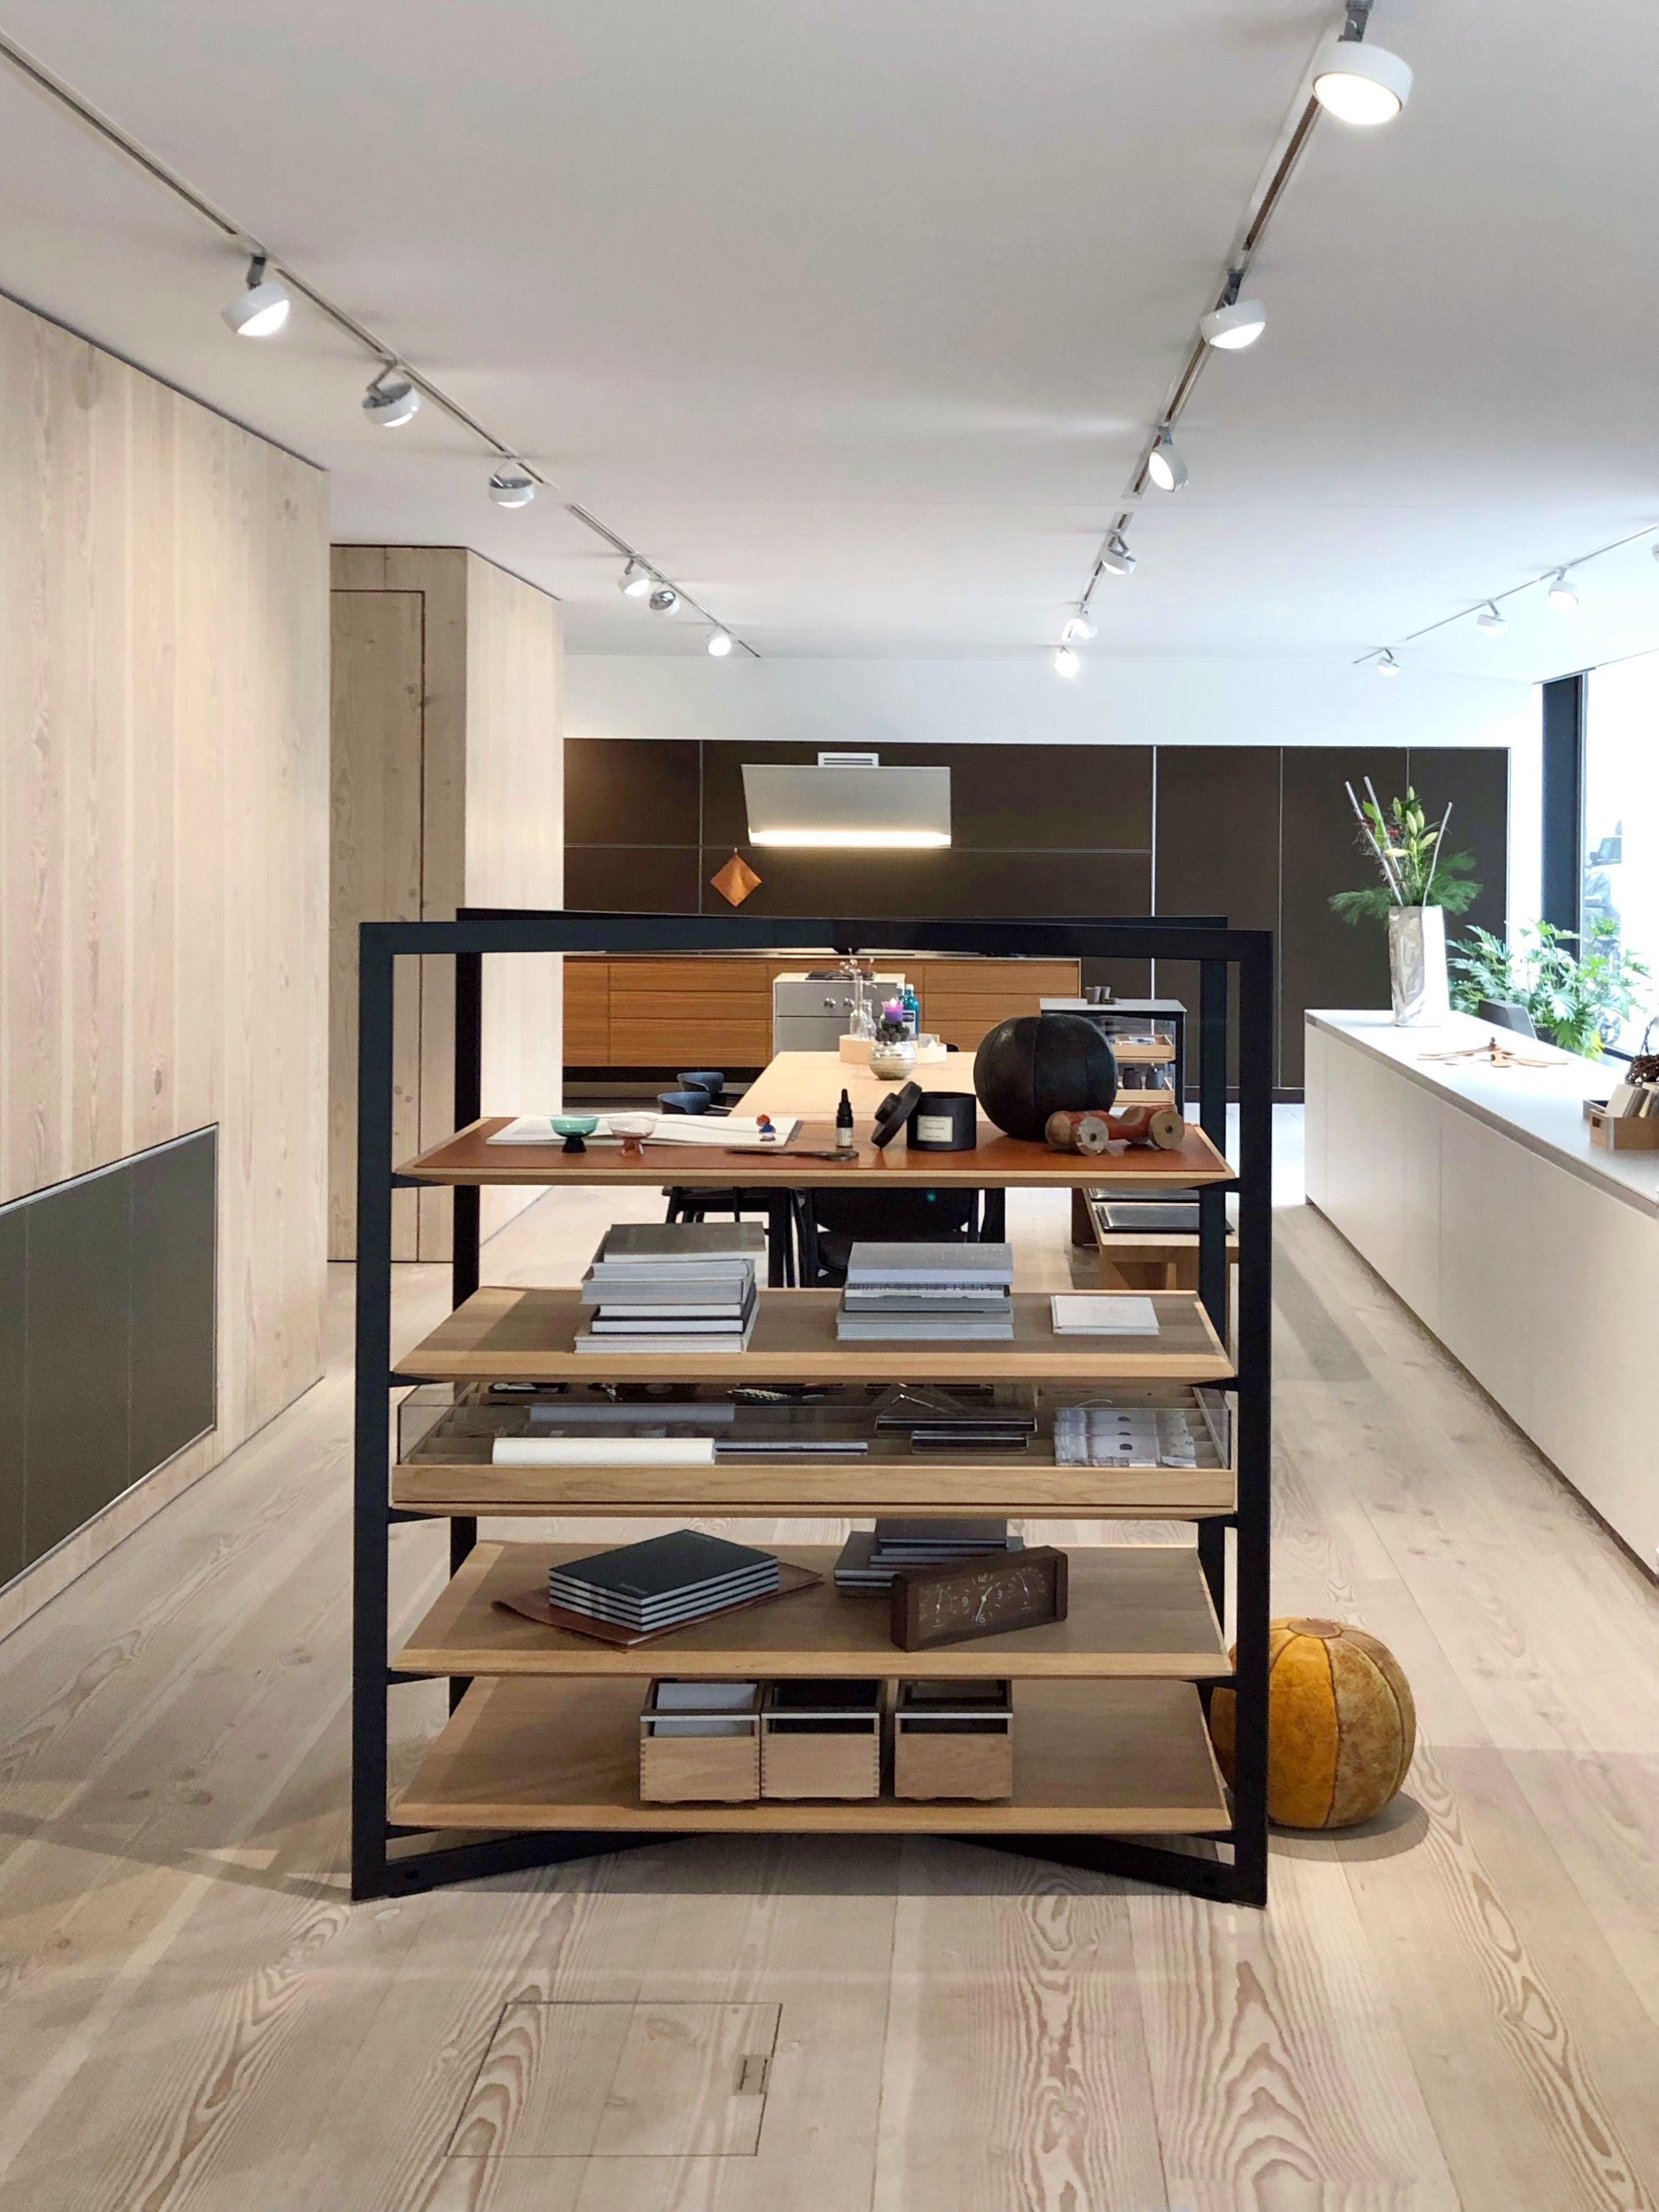 Epingle Par Bulthaup Strasbourg Sur B Solitaires Maison Cuisines Design Design